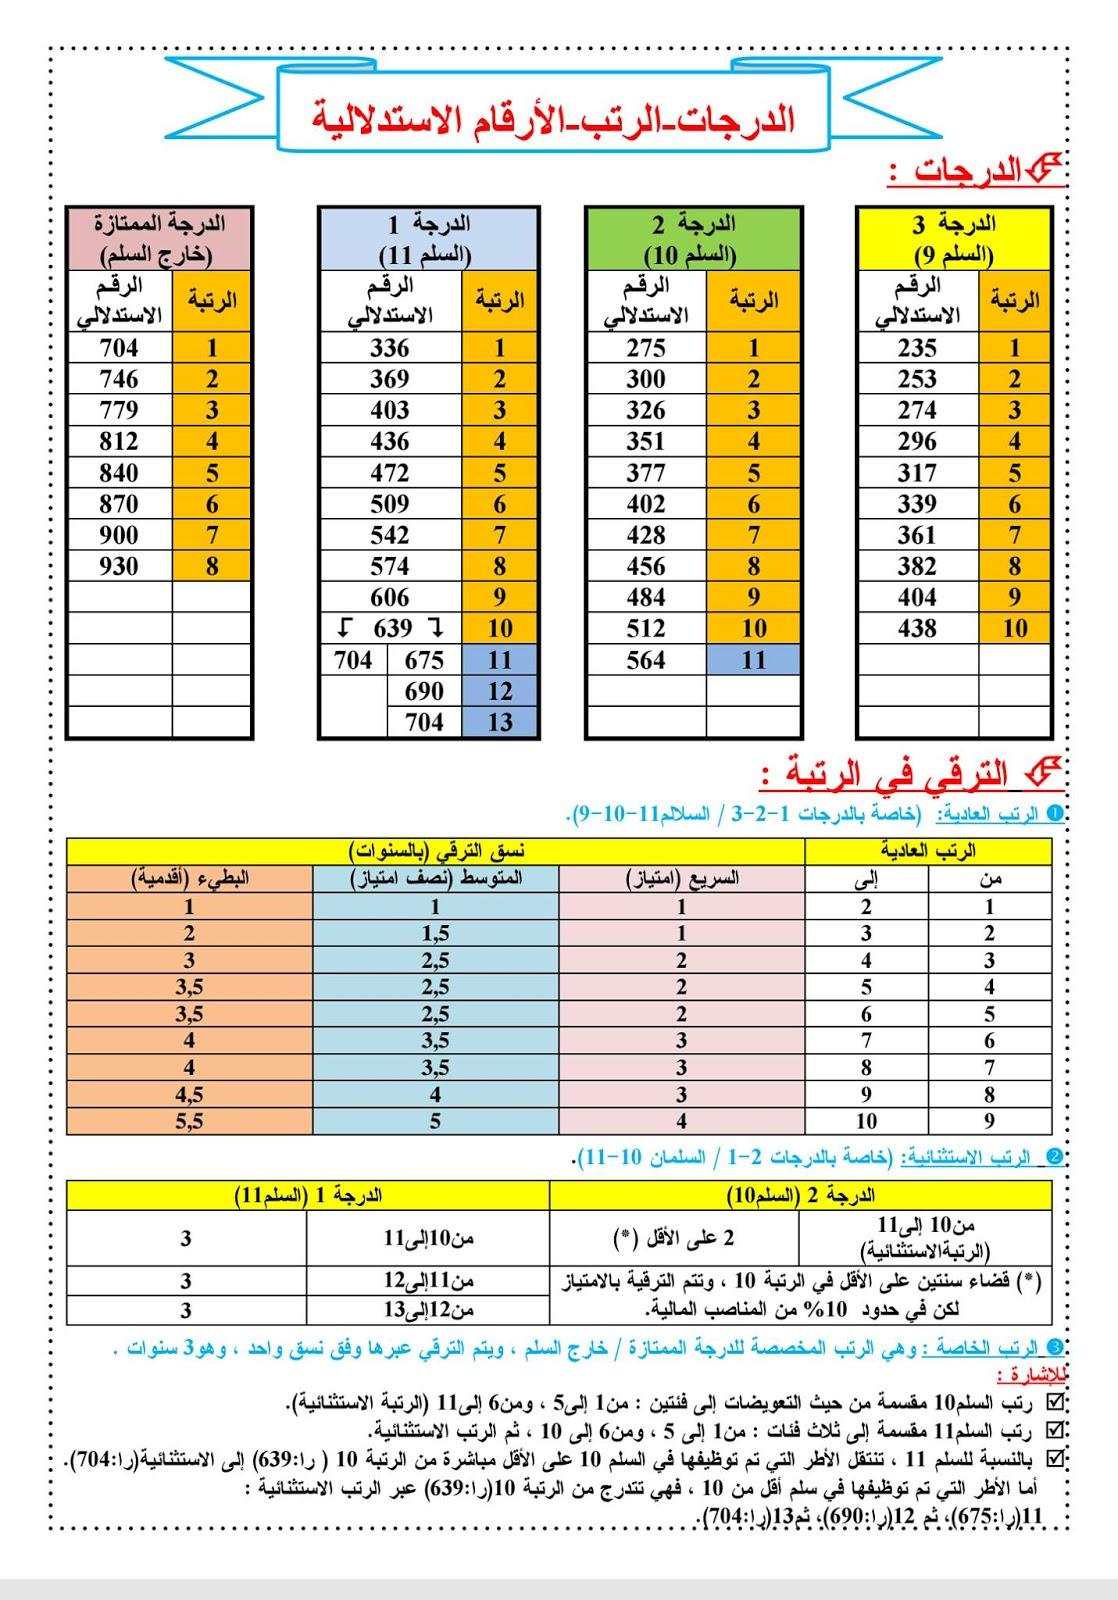 جدول الترقي في الدرجات والرتب والأرقام الاستدلالية وفق أخر المستجدات